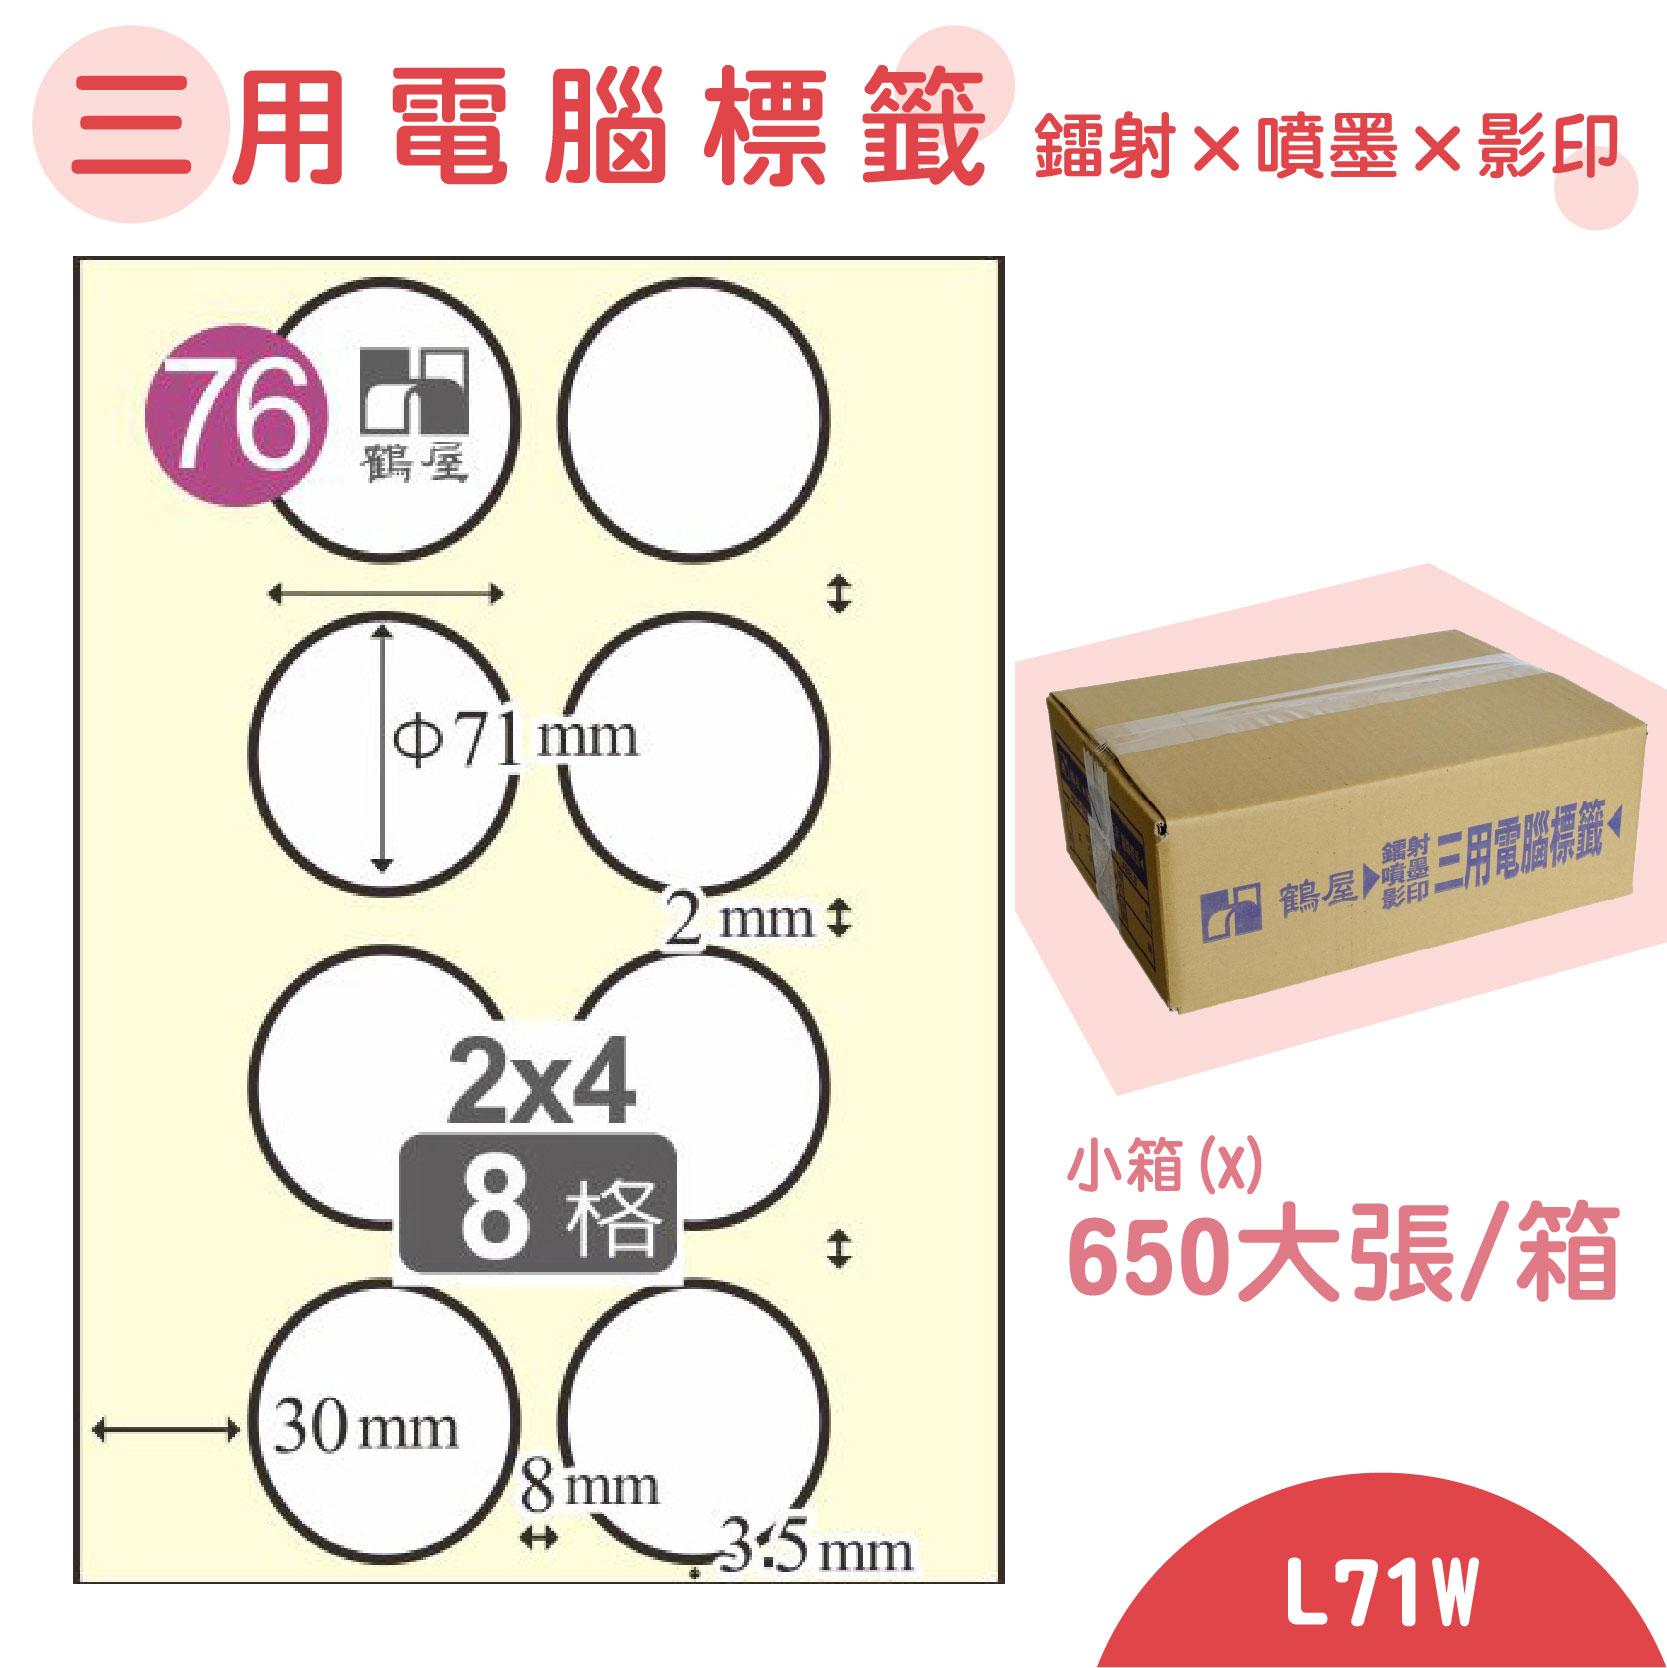 電腦標籤紙(鶴屋) 白色 L71W 8格 650大張/小箱 影印 雷射 噴墨 三用 標籤 貼紙 信封 光碟 名條